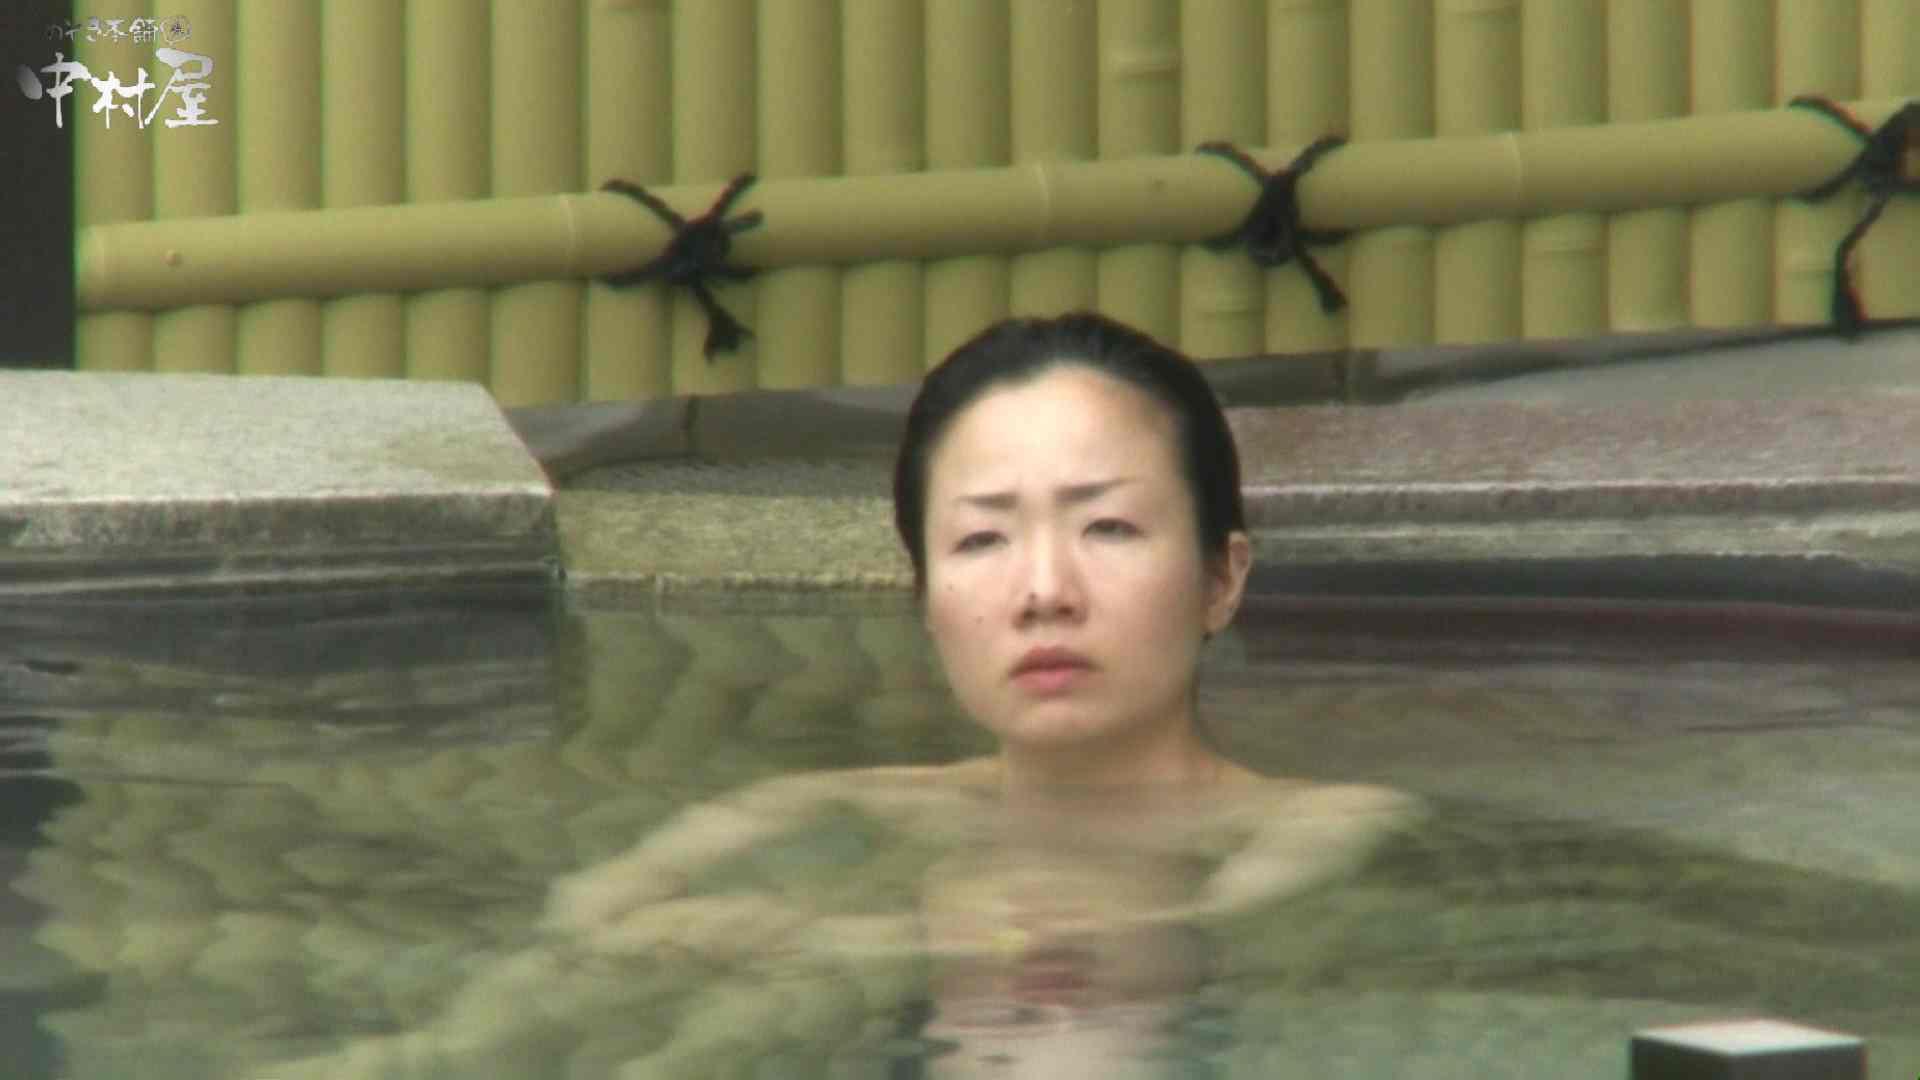 Aquaな露天風呂Vol.950 露天風呂 | 盗撮  107連発 4